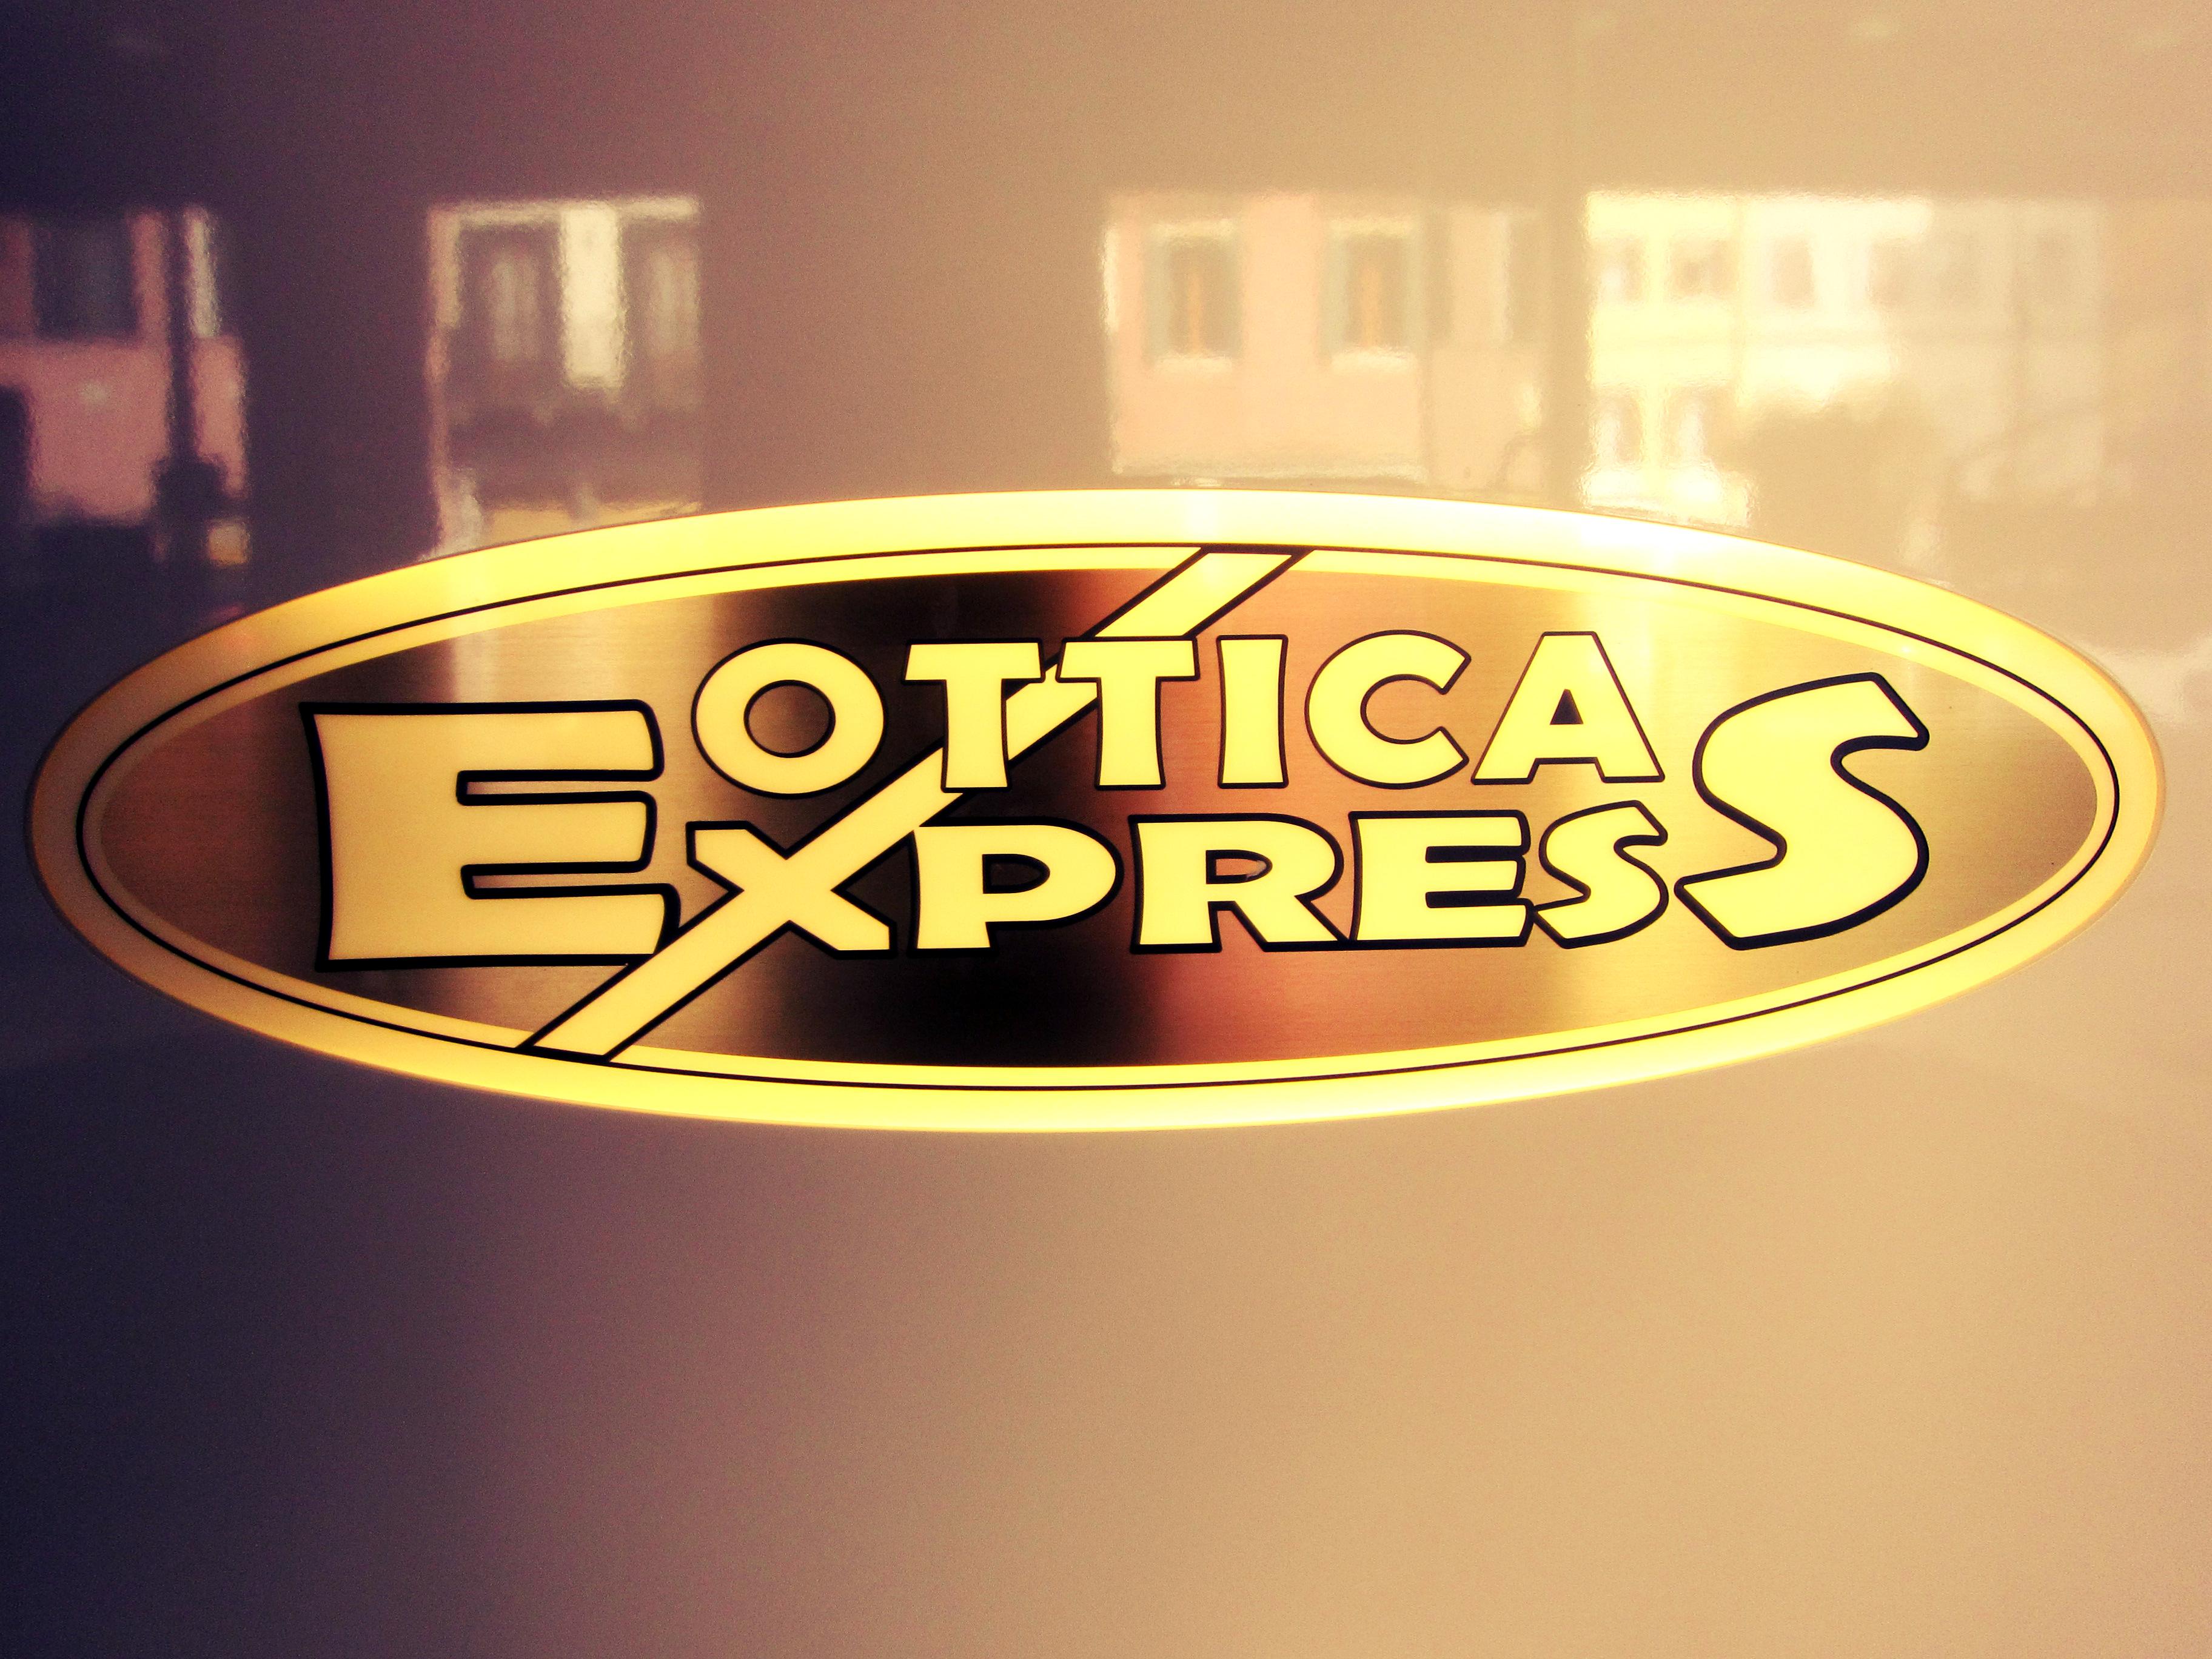 ottica-express-logo-chioggia-corso-del-popolo-ottica express chioggia